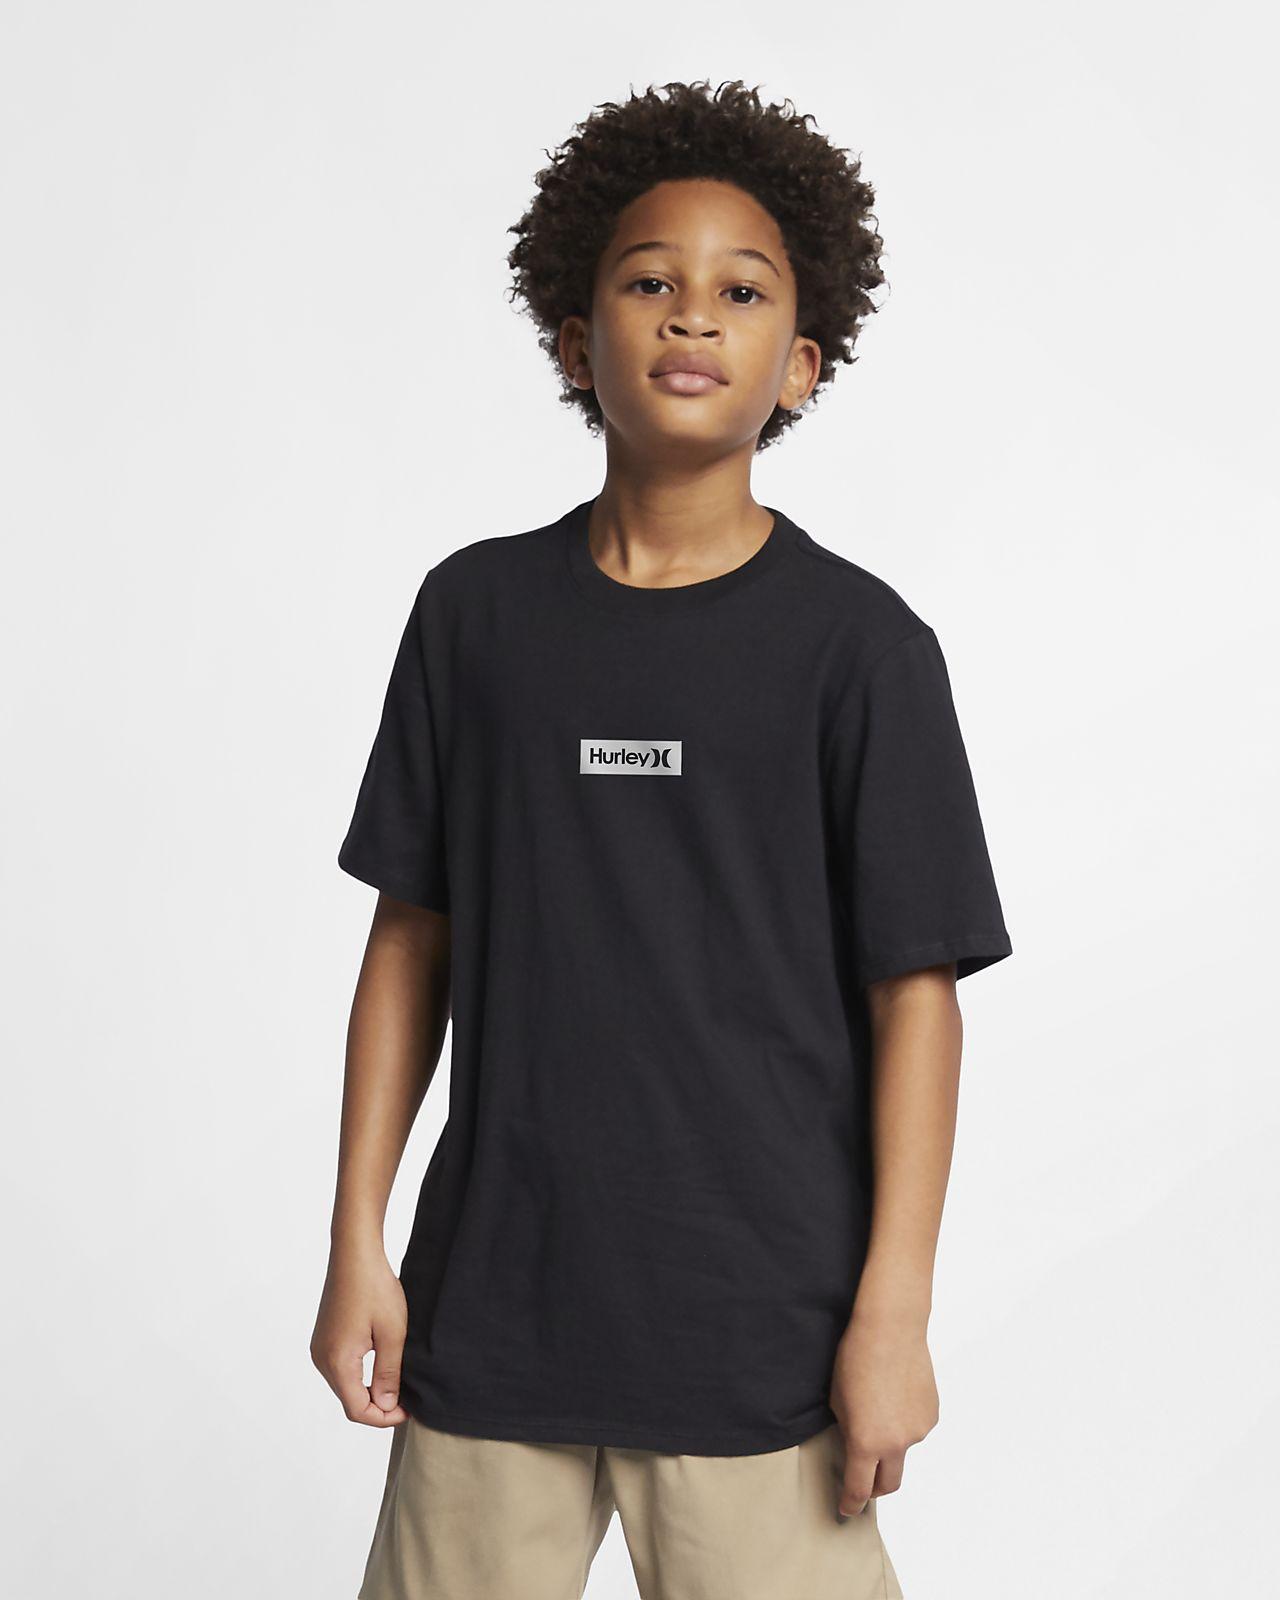 Hurley Premium One And Only Small Box Erkek Çocuk Tişörtü